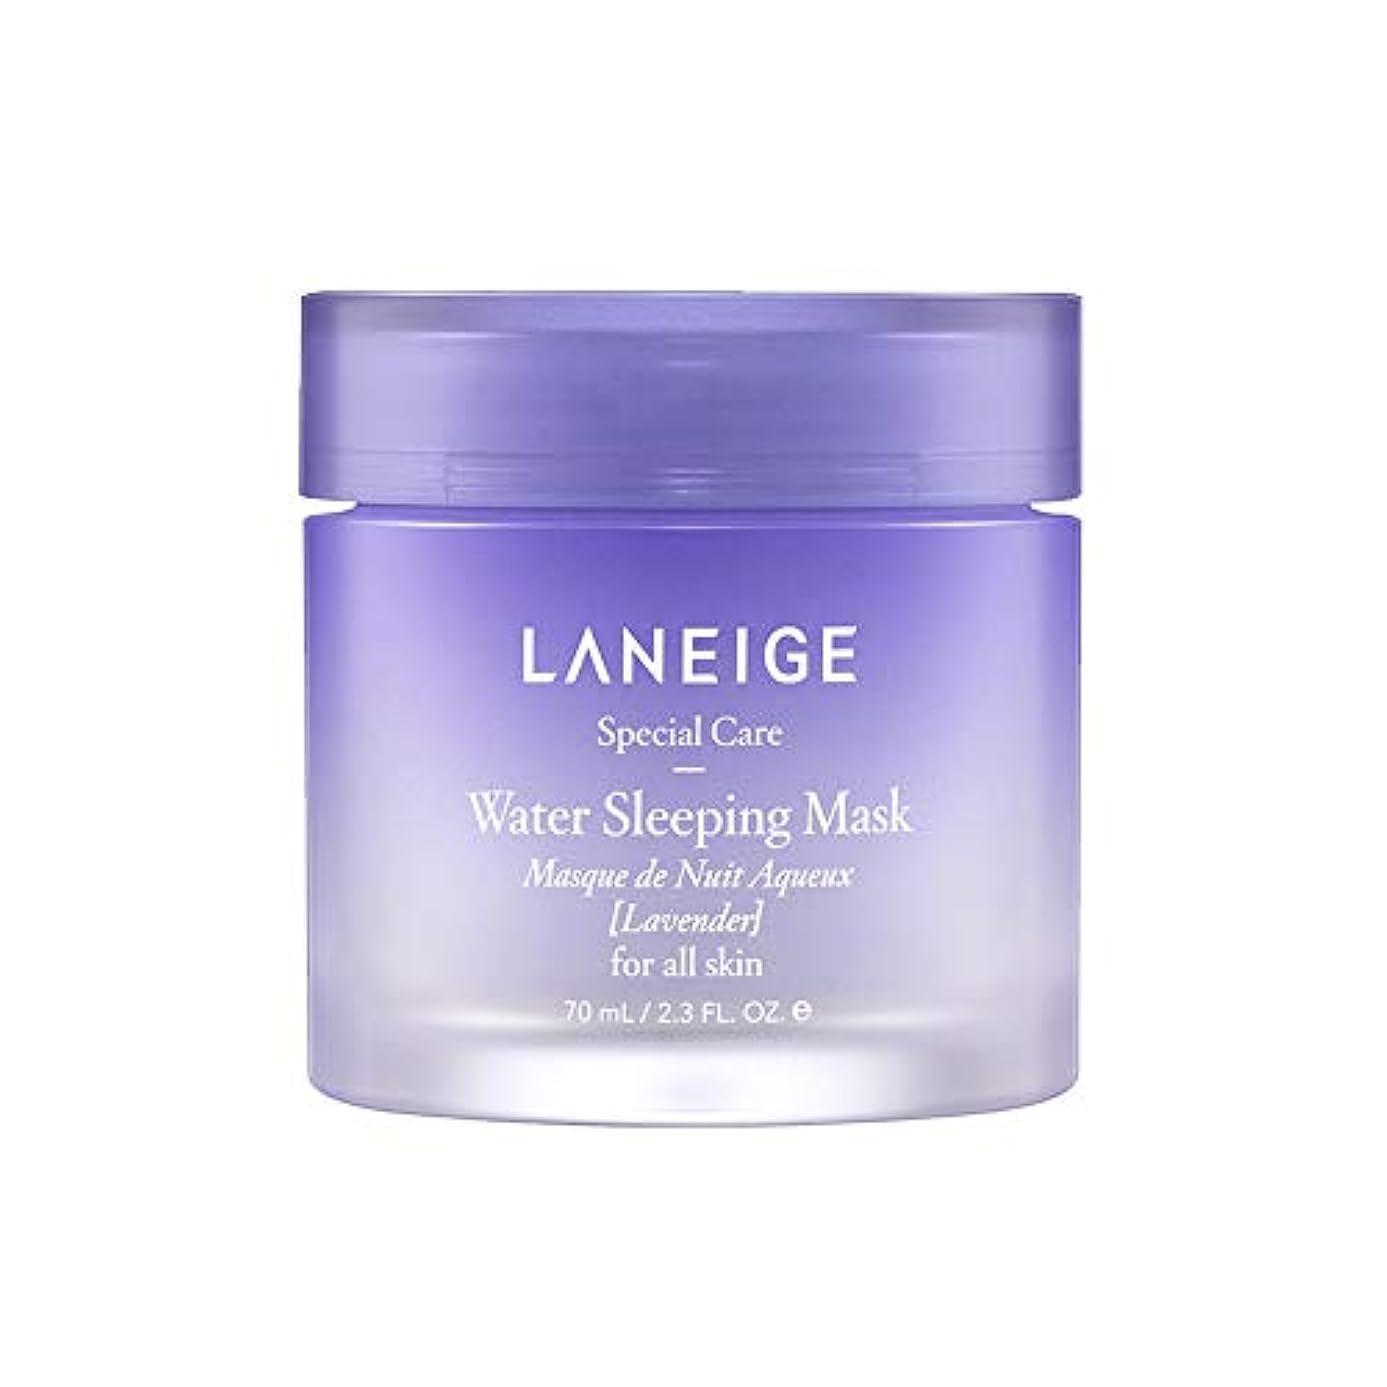 相談するサイクル当社Water Sleeping Mask [Lavender] 70ml/ウォーター スリーピング マスク [ラベンダー] 70ml